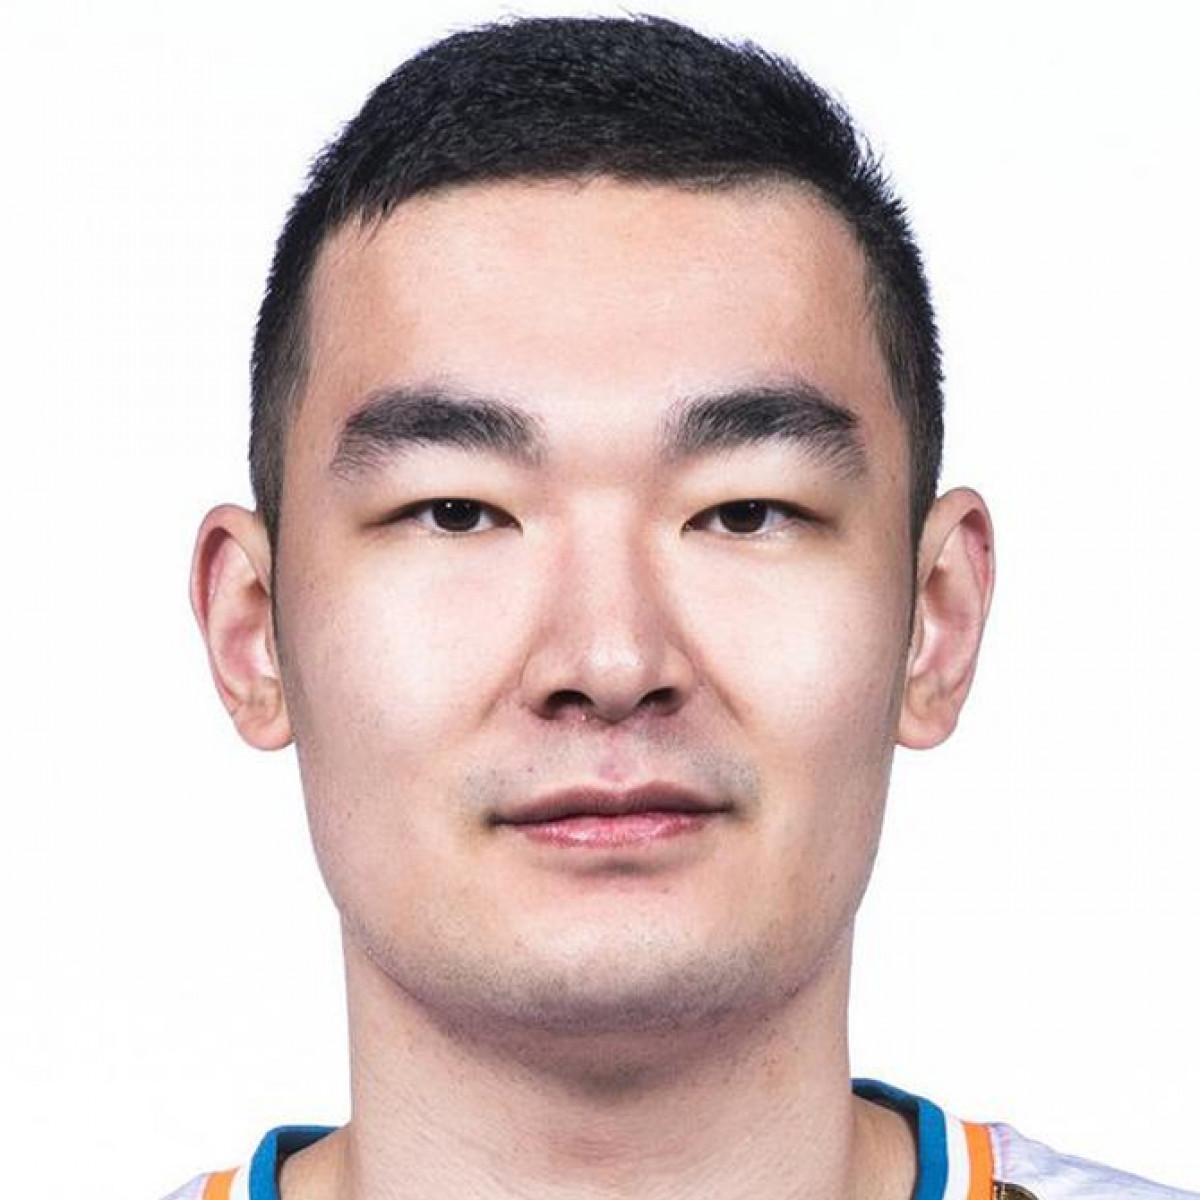 Zhao Qingfei